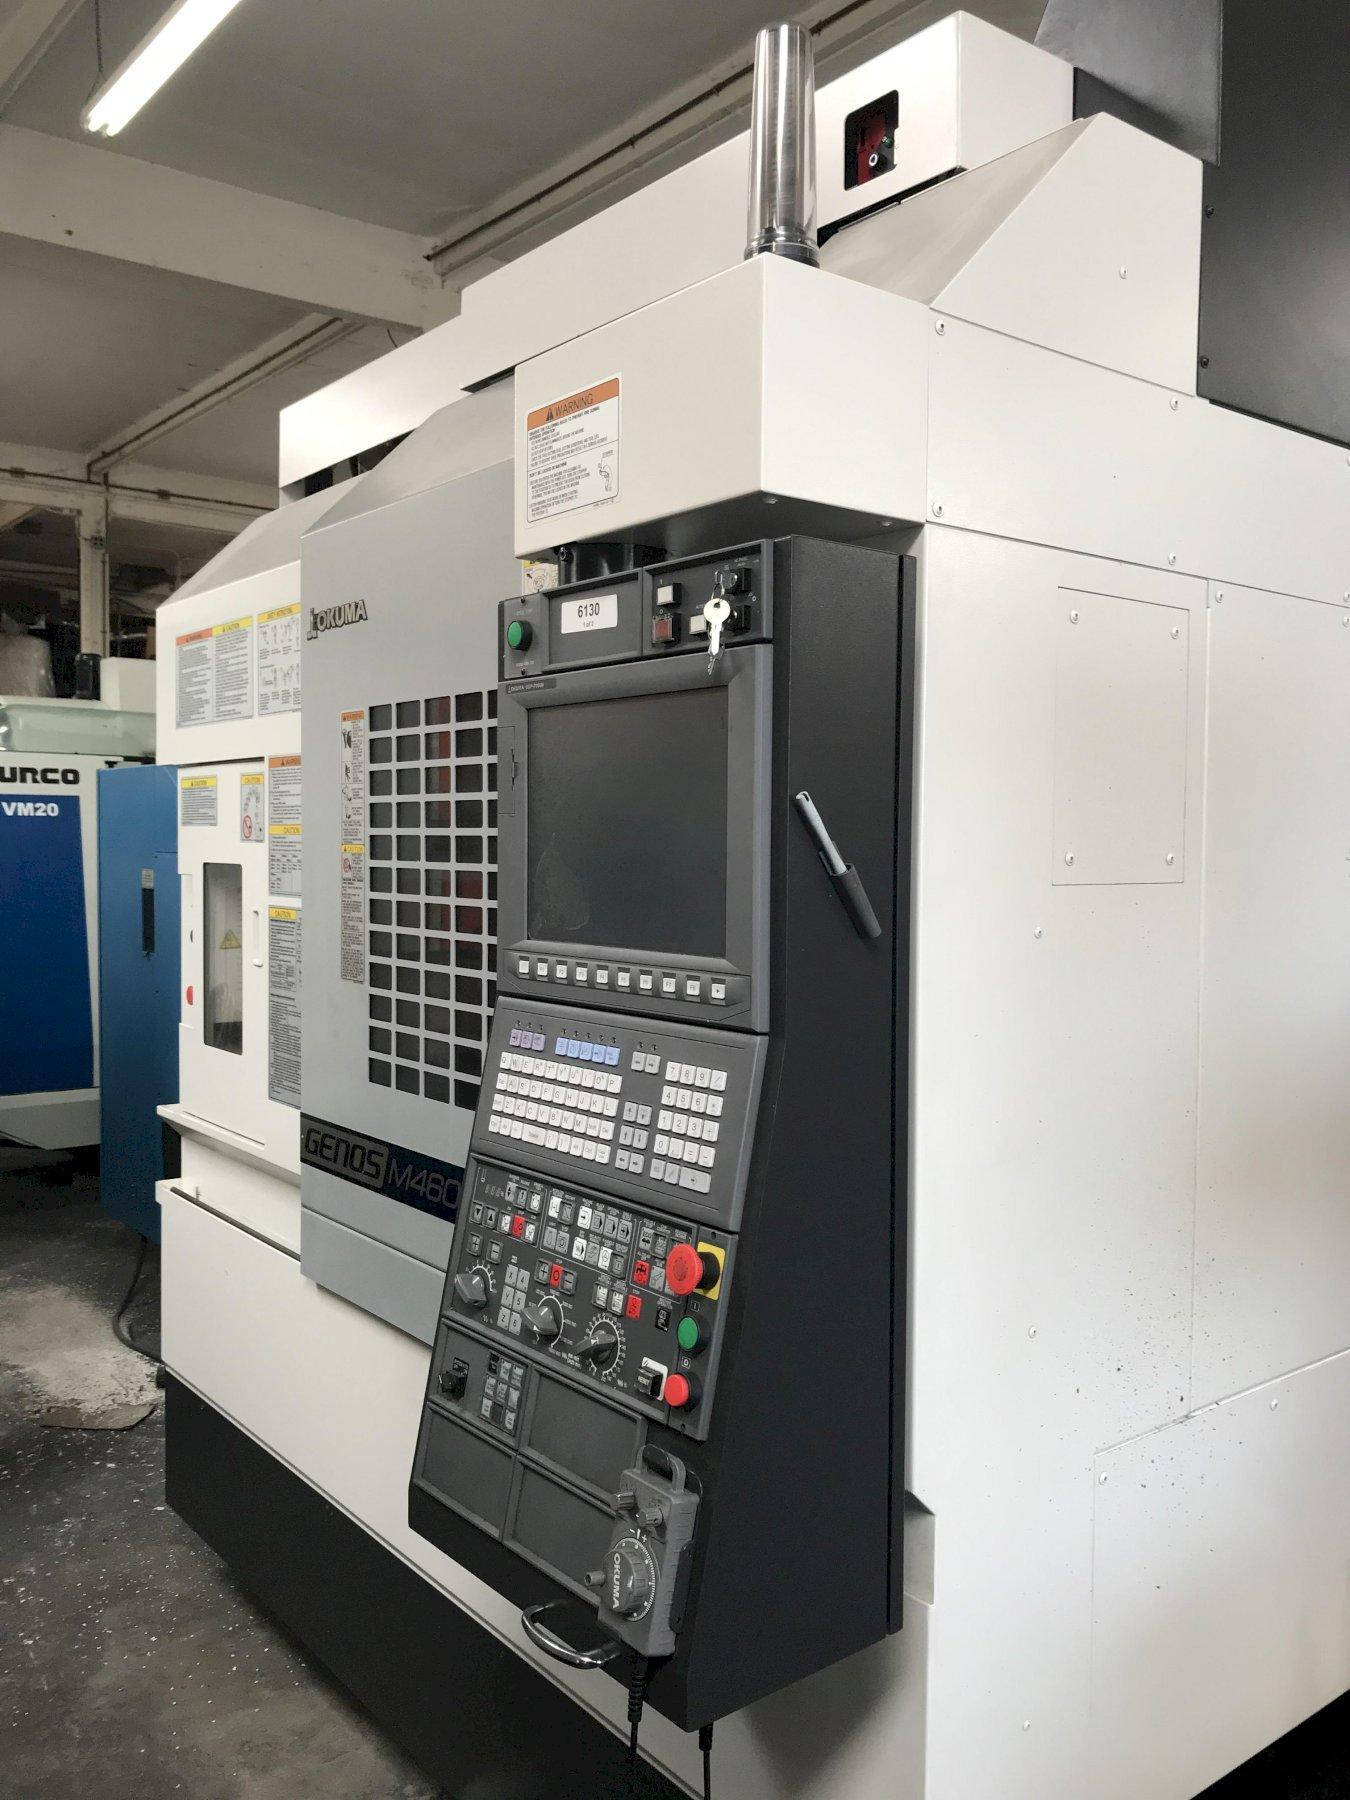 Okuma Genos M460-VE VMC 2016, with: Okuma OPS-P300M Control, and Chip Conveyor.